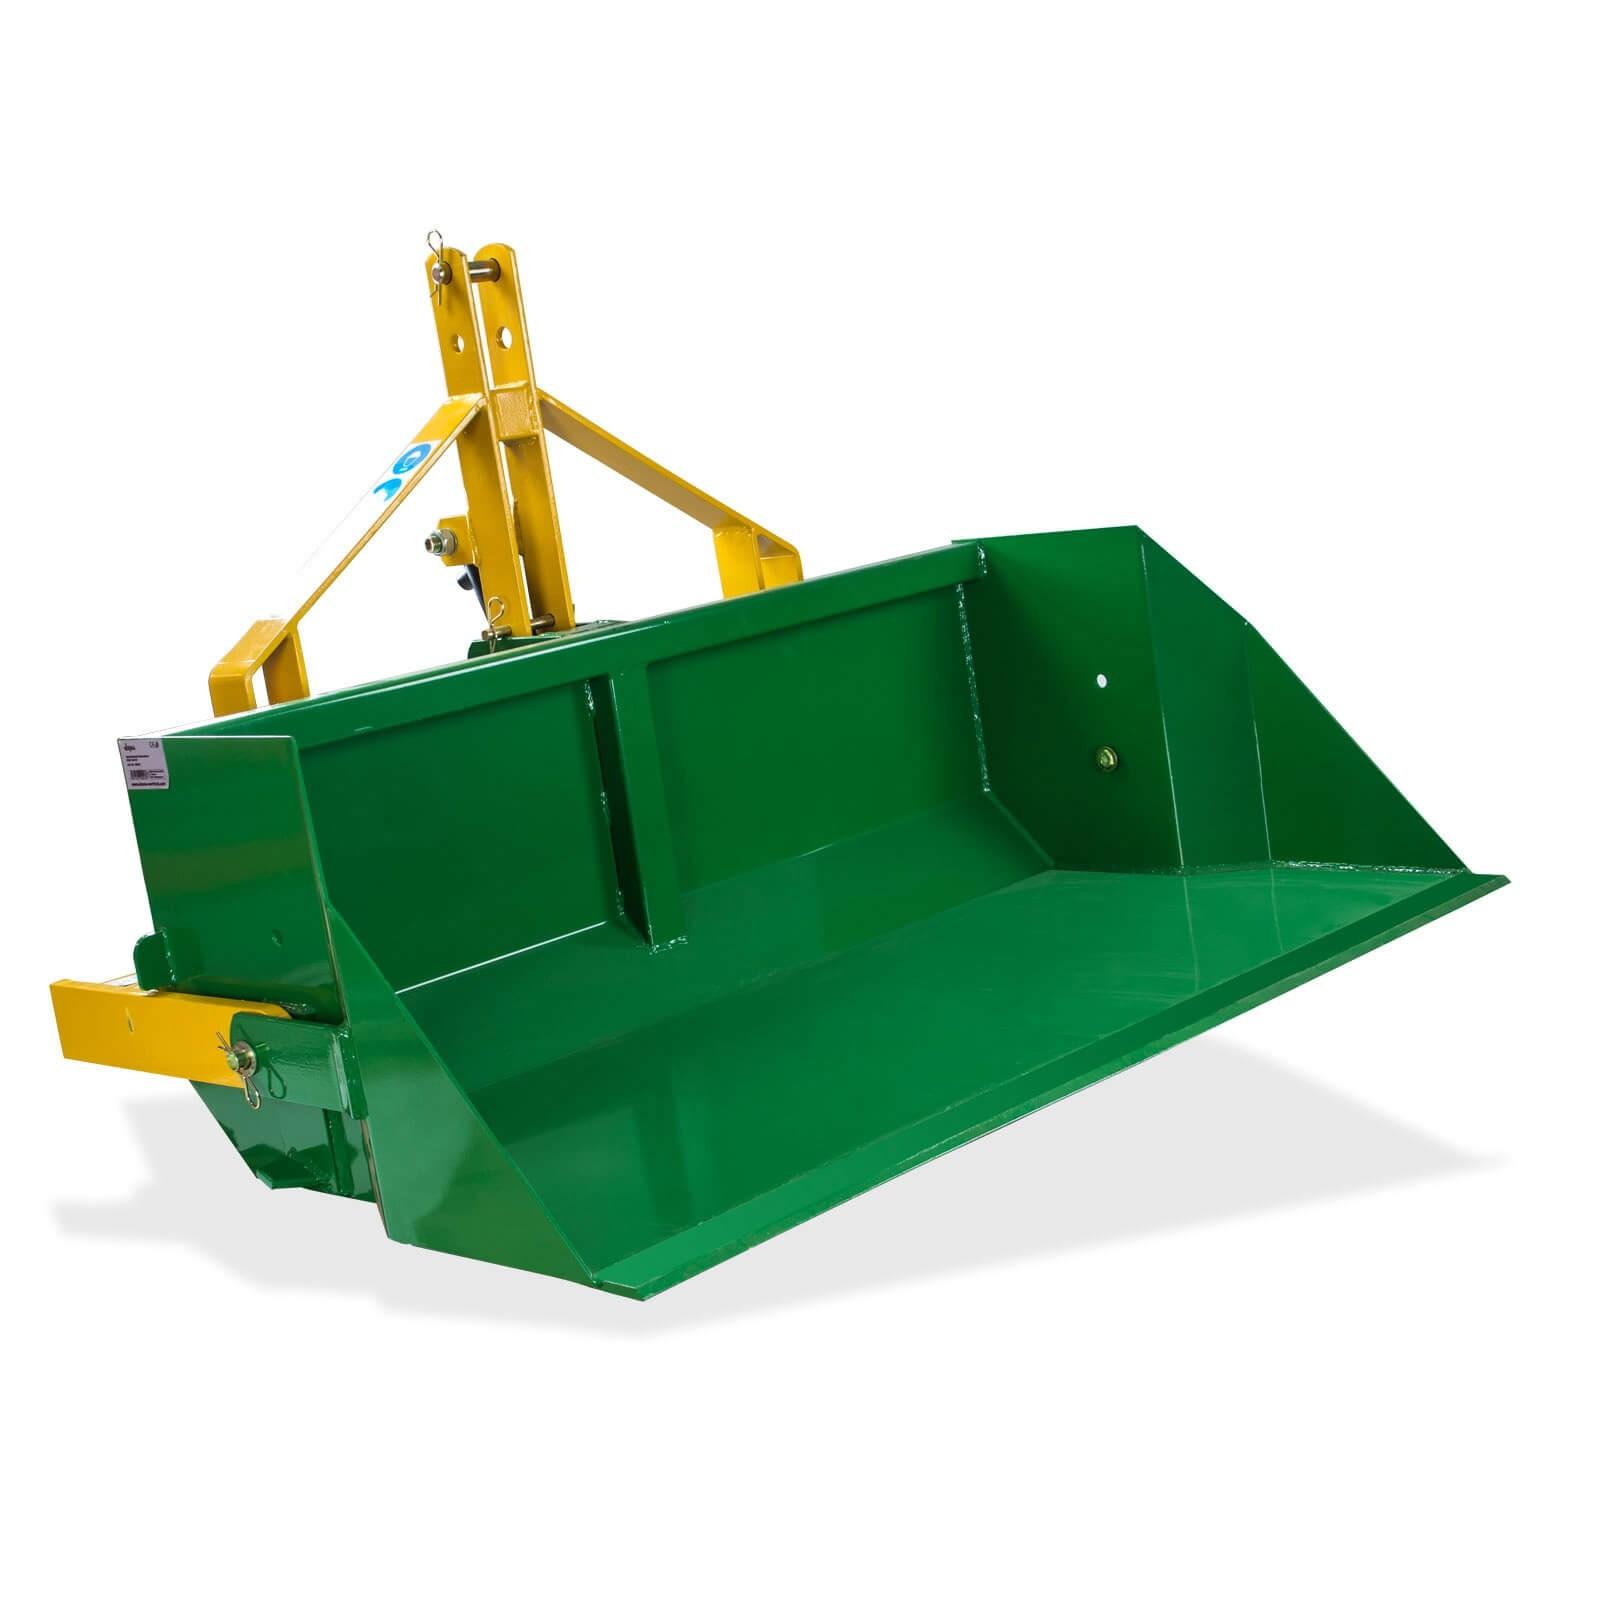 Traktor Heckschaufel / Hydraulik Schaufel 400kg DHS 120 HY mit Hydraulikschlauch